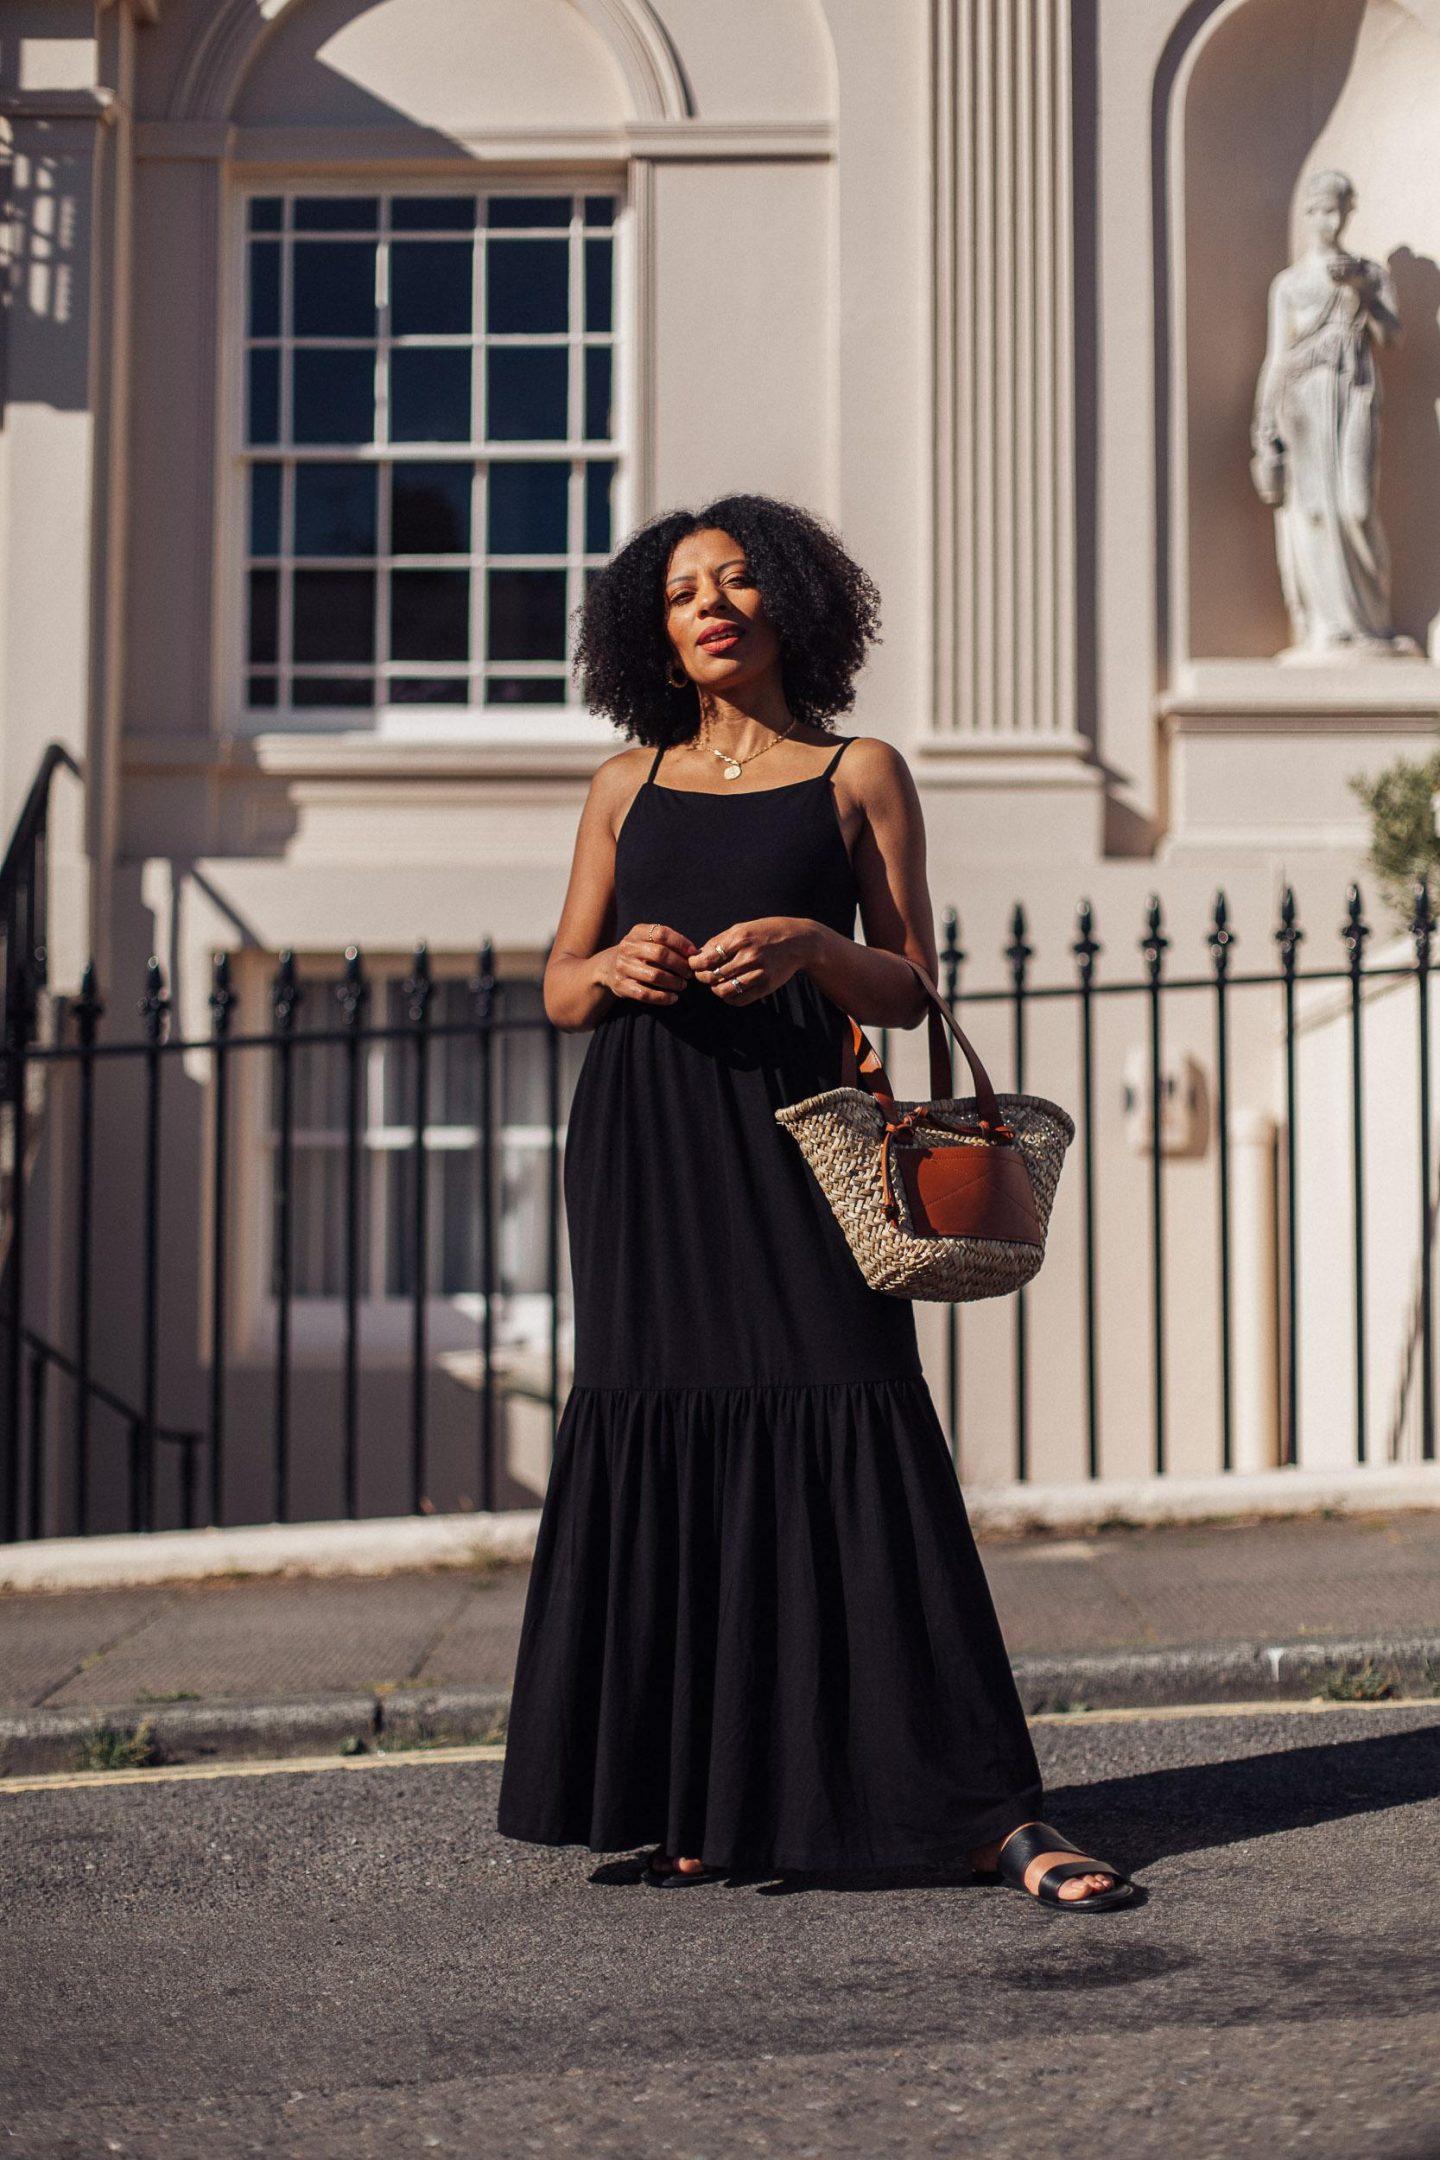 eleanorbarkes.com -3 BEST DRESS STYLES FOR PETITE WOMEN